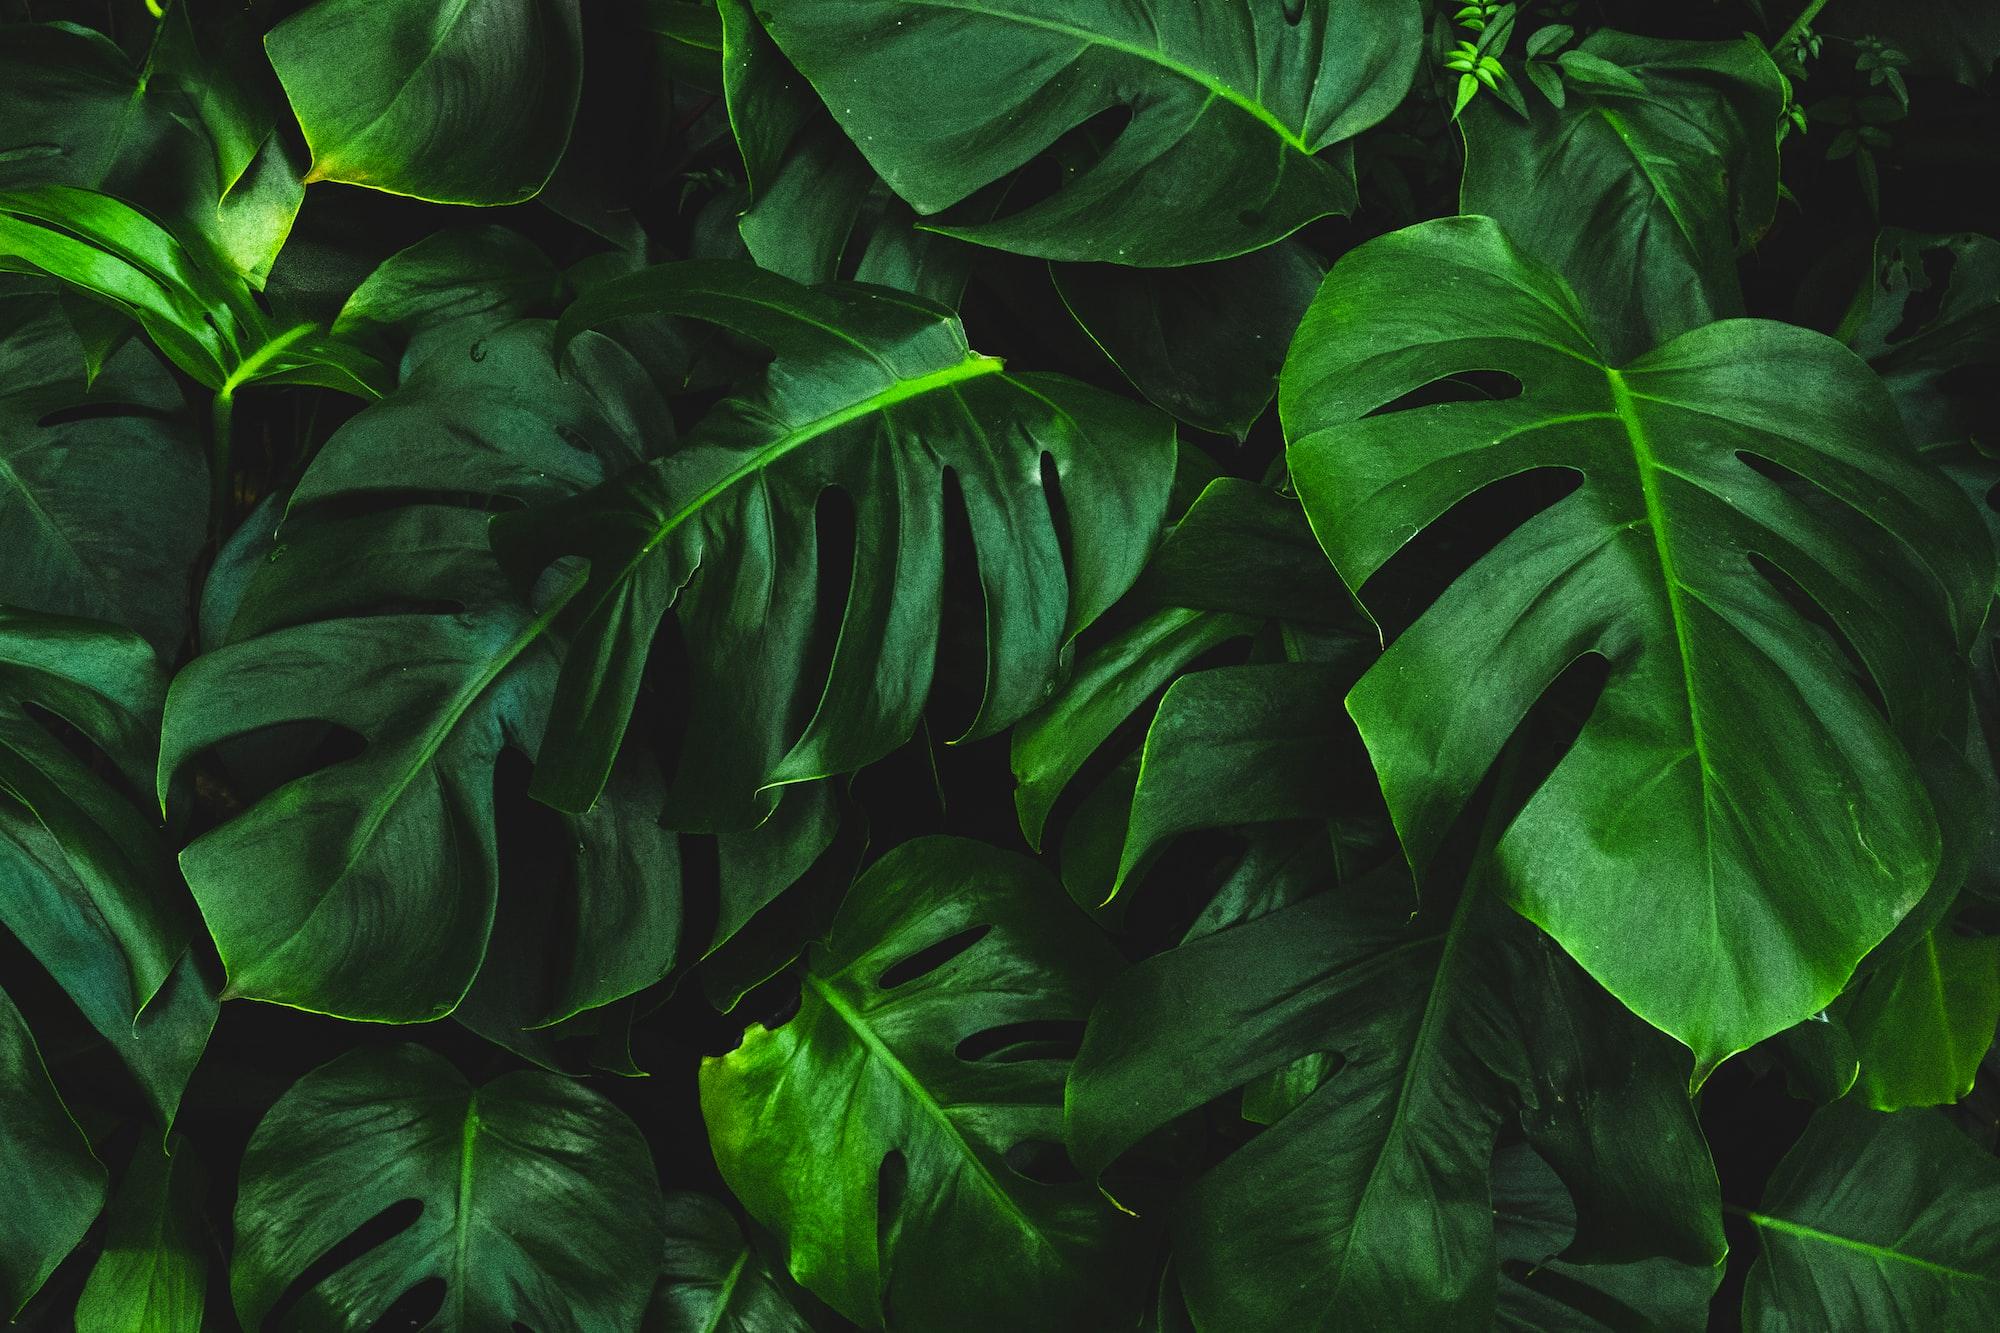 Efelek De Denilen Çok Yıllık Otsu Bir Bitki Bulmaca Anlamı Nedir?